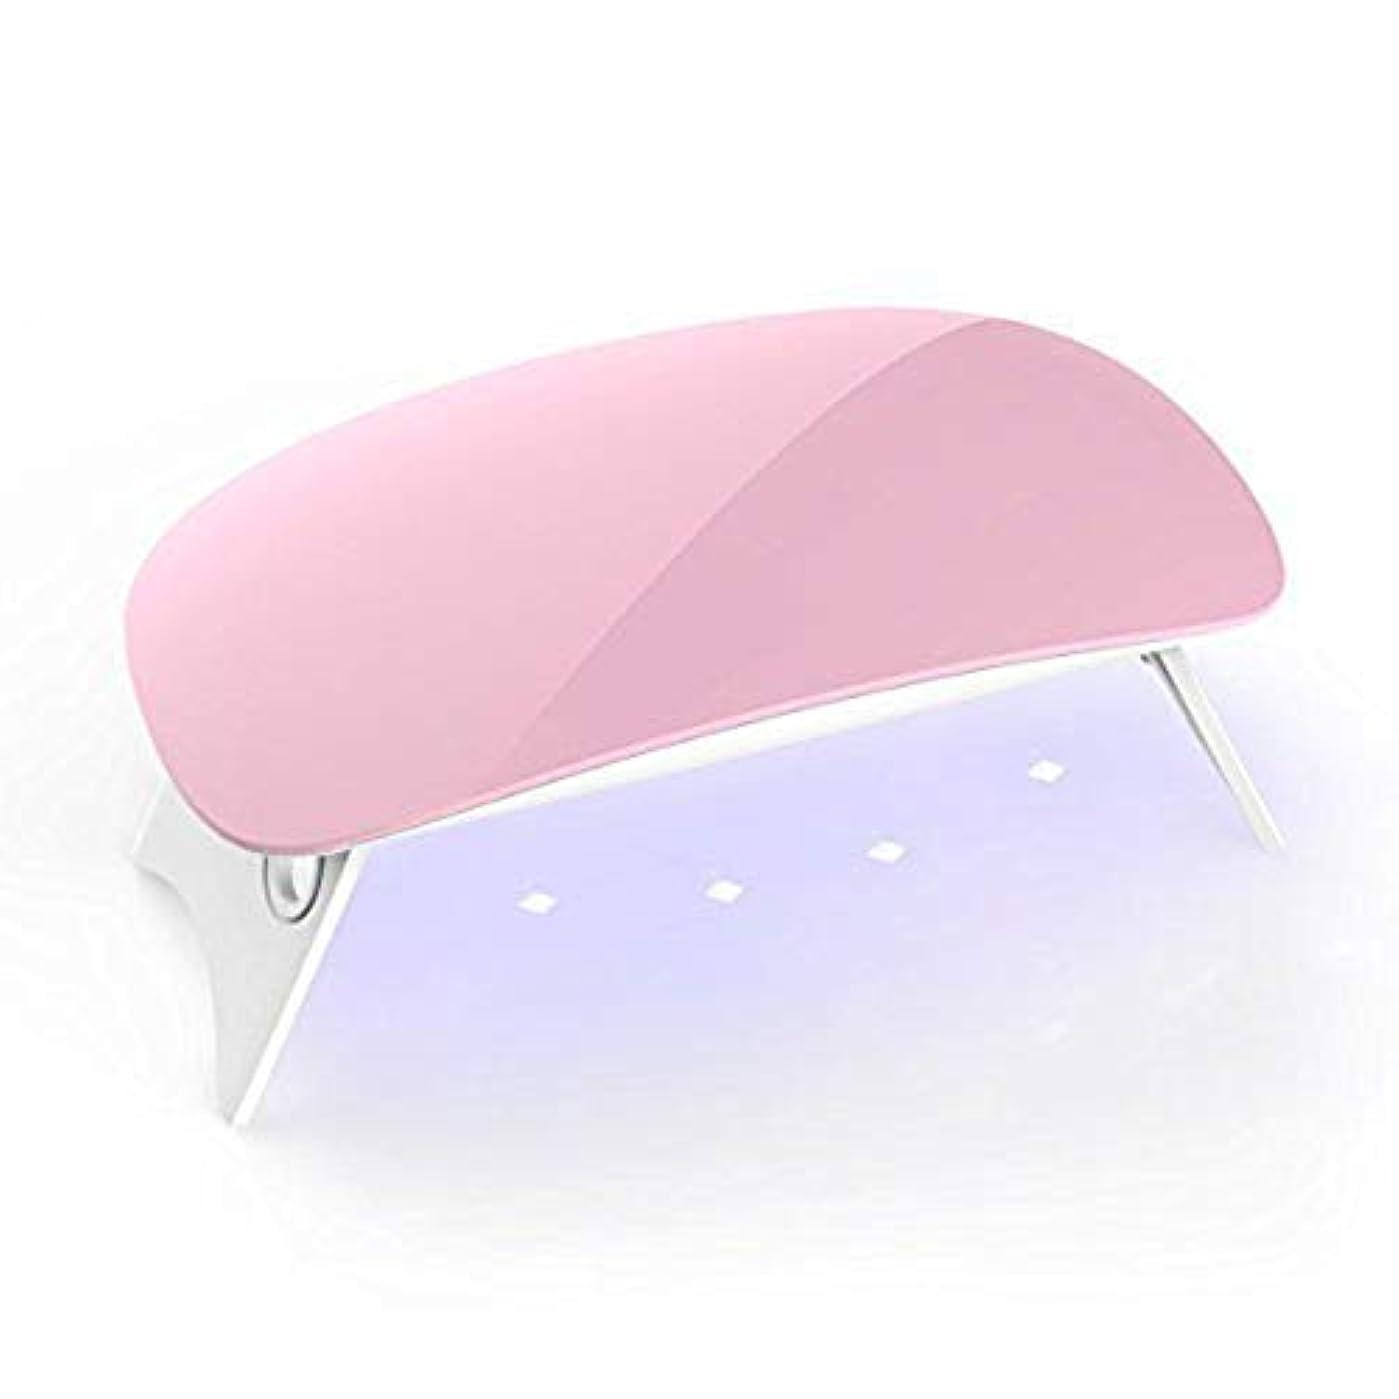 プラグ乱気流クアッガネイルグルー用の6W UV LED、2つのプリセットタイマー(45秒、60秒)